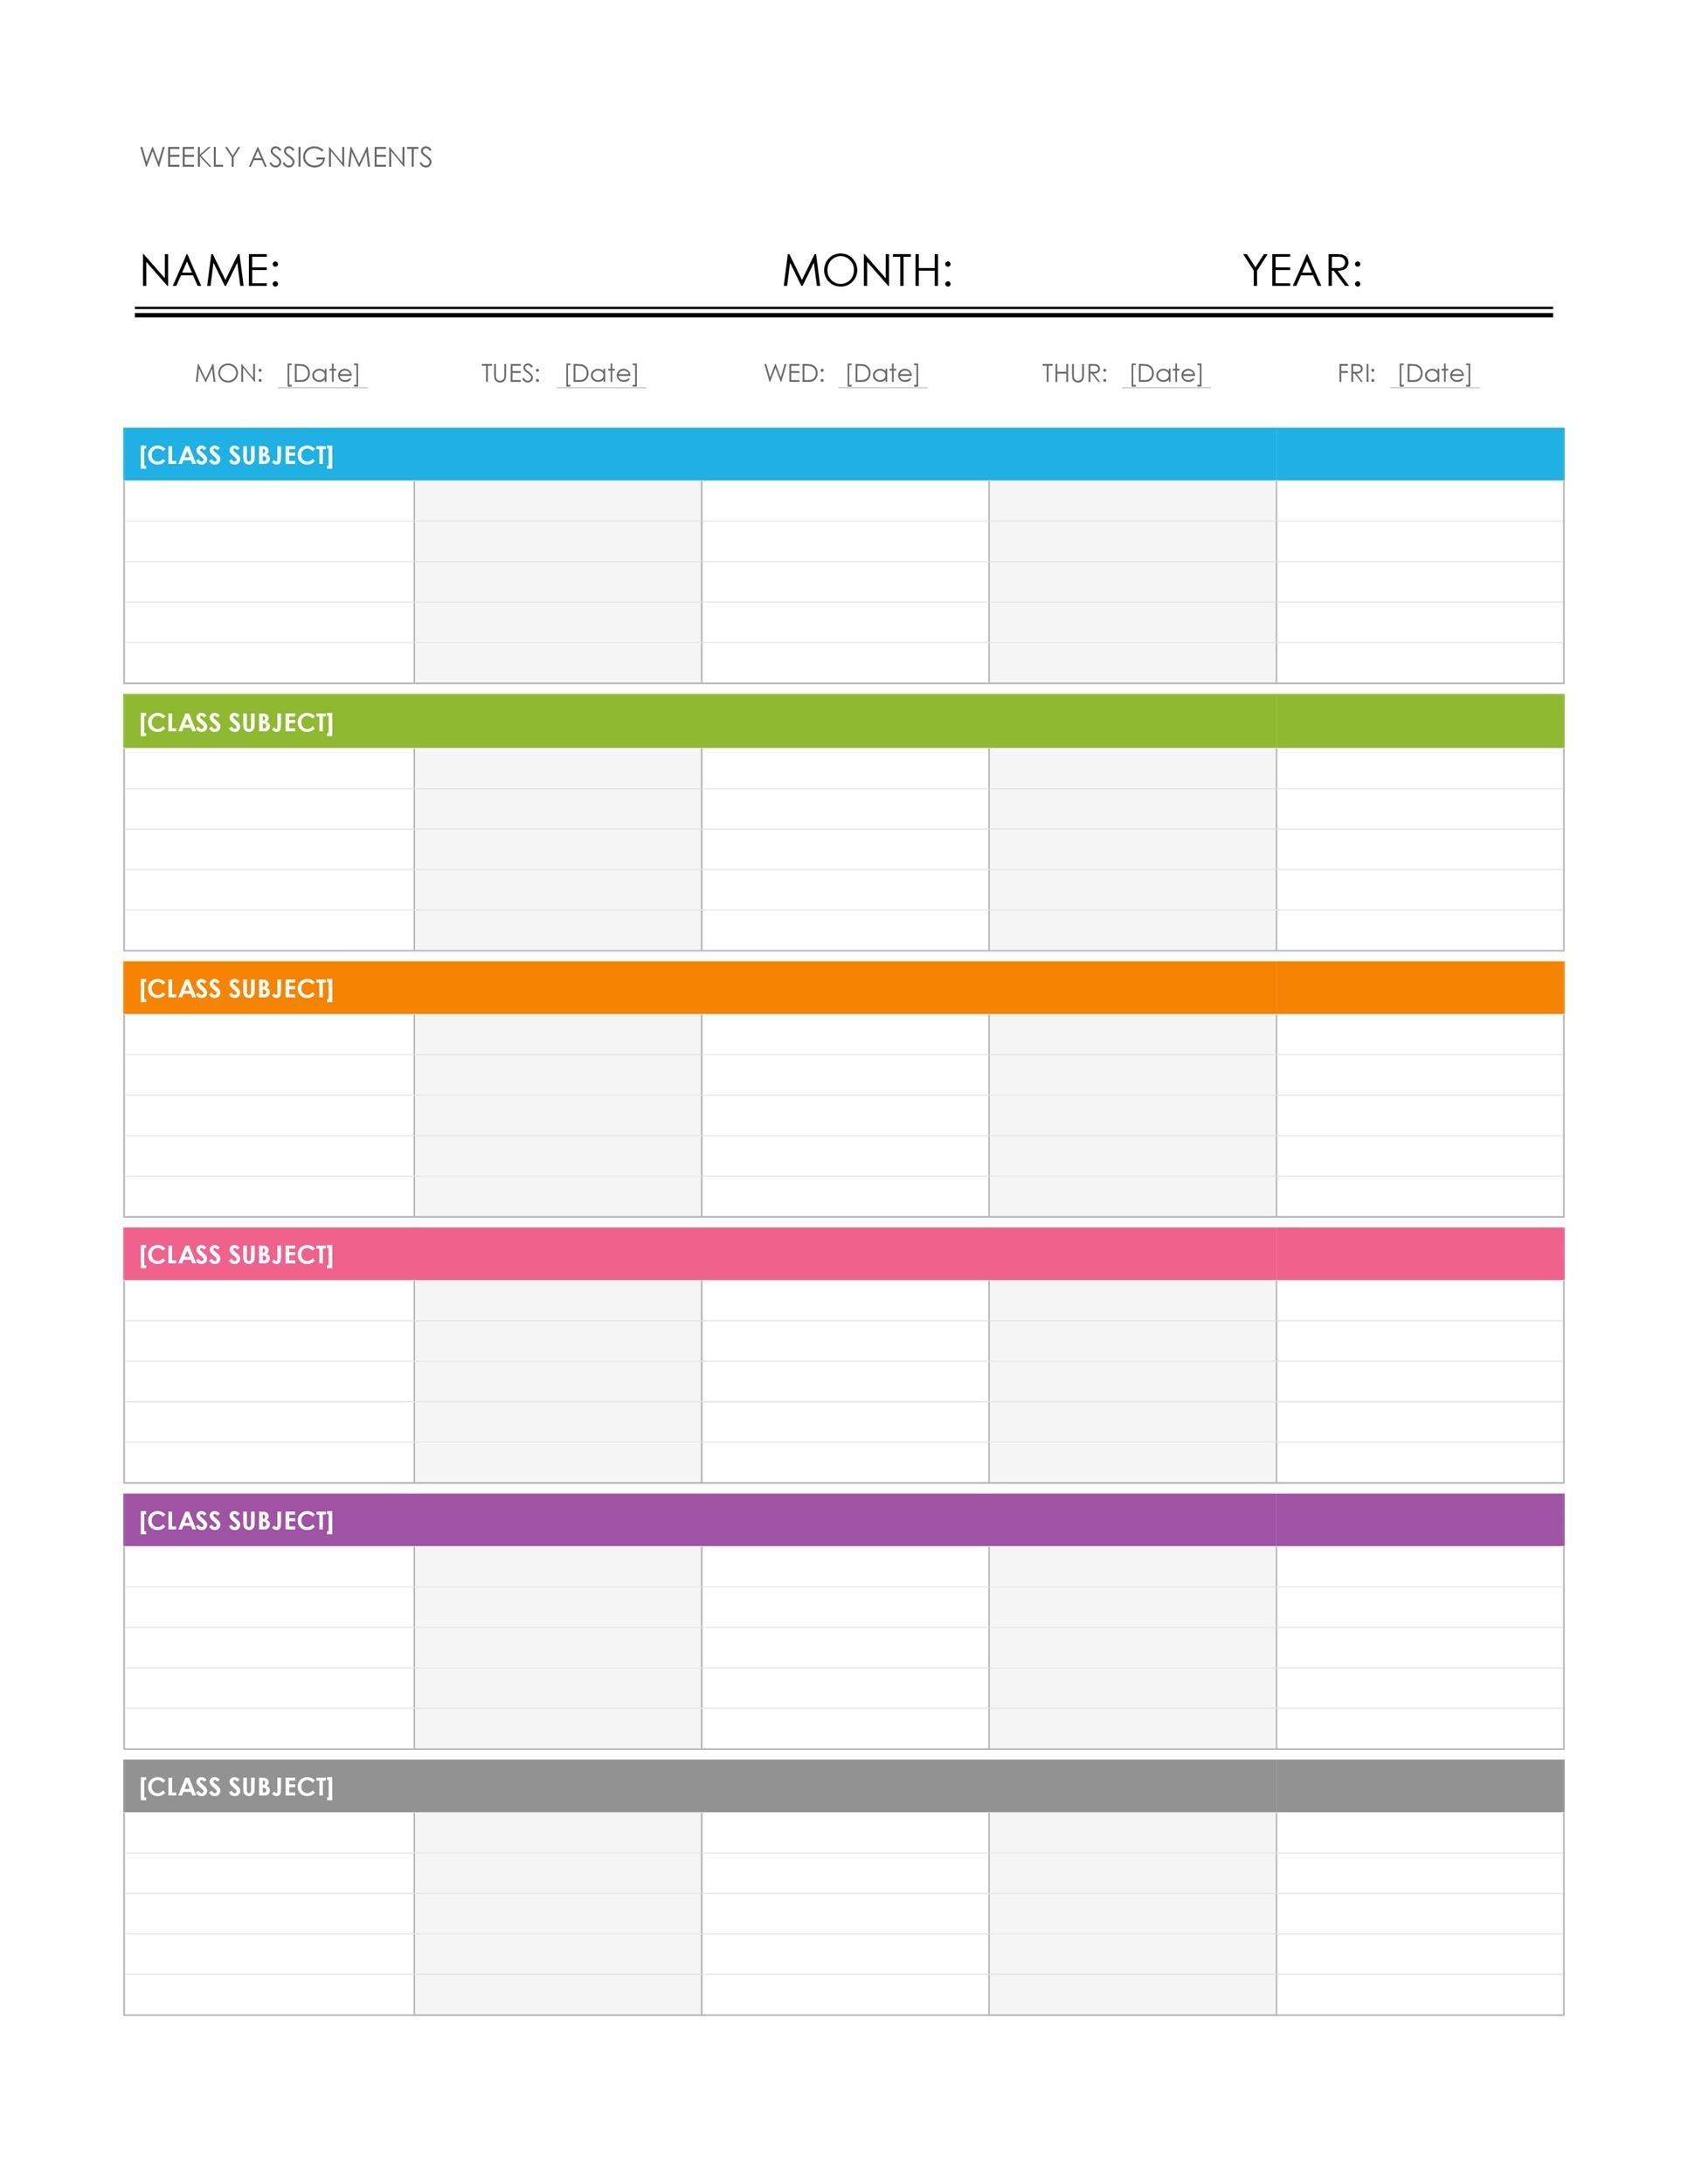 26 Blank Weekly Calendar Templates [Pdf, Excel, Word] ᐅ Calendar Template 4 Weeks